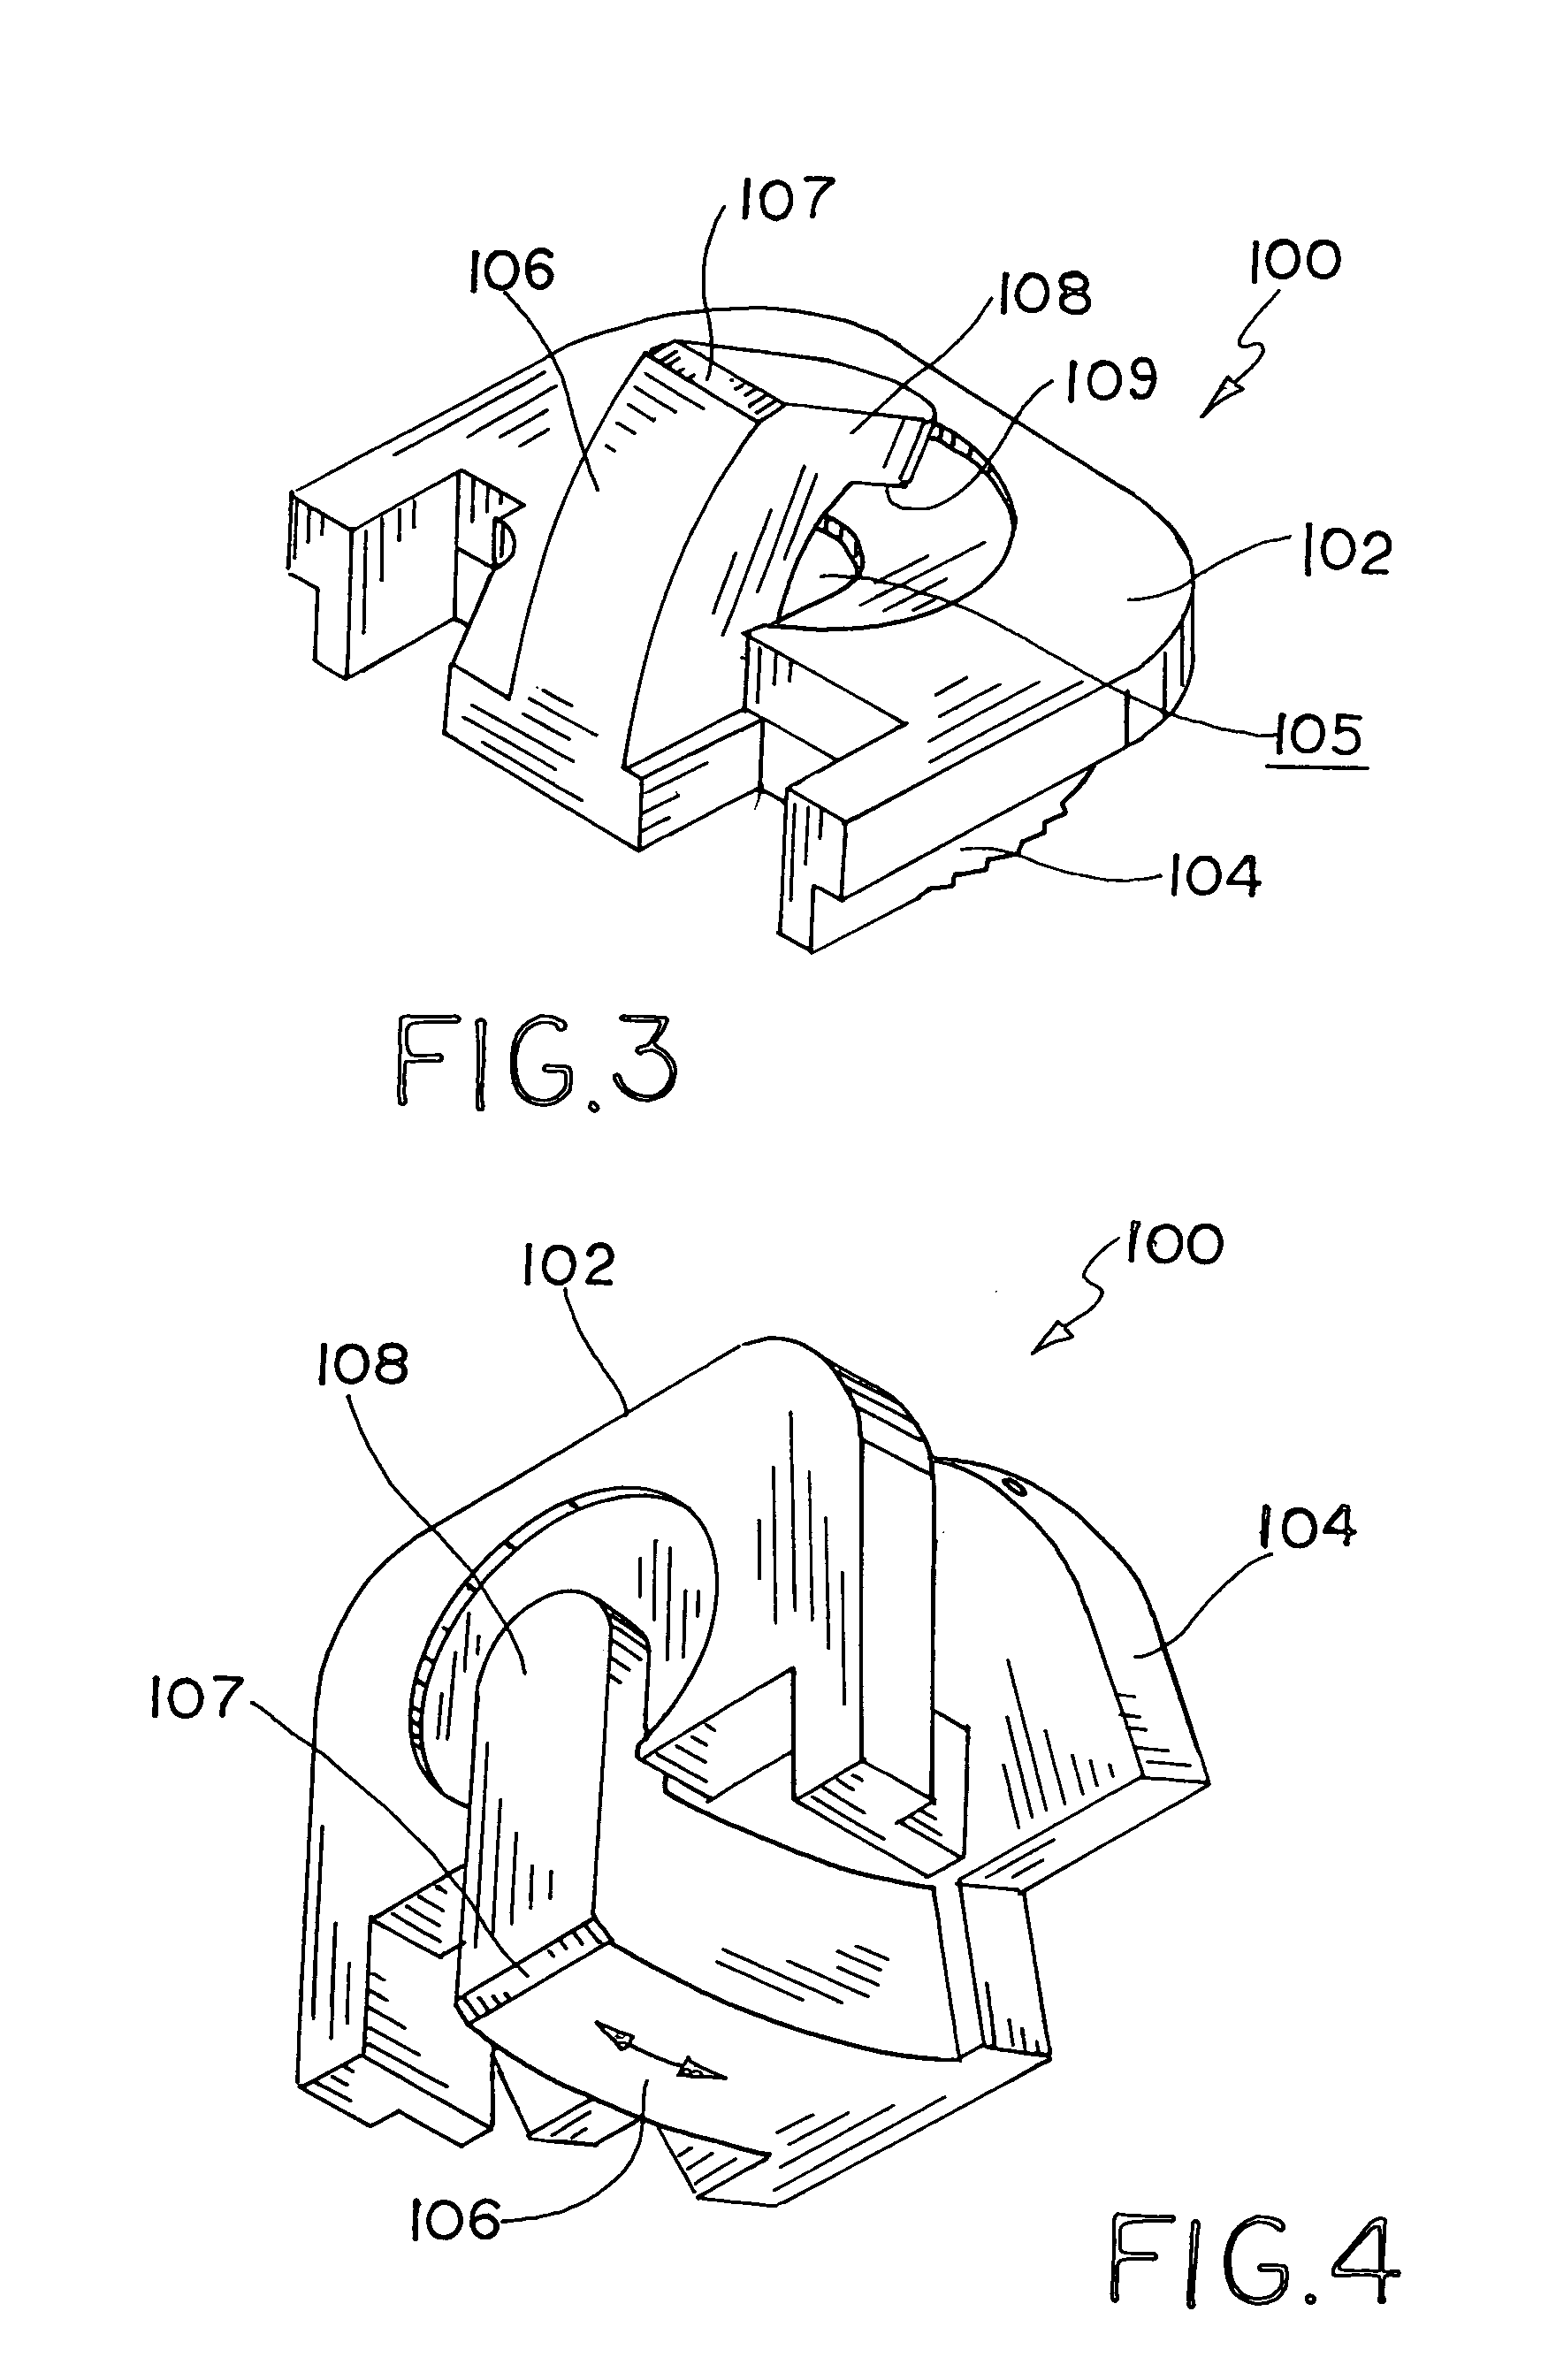 sig sauer p230 schematic diagram